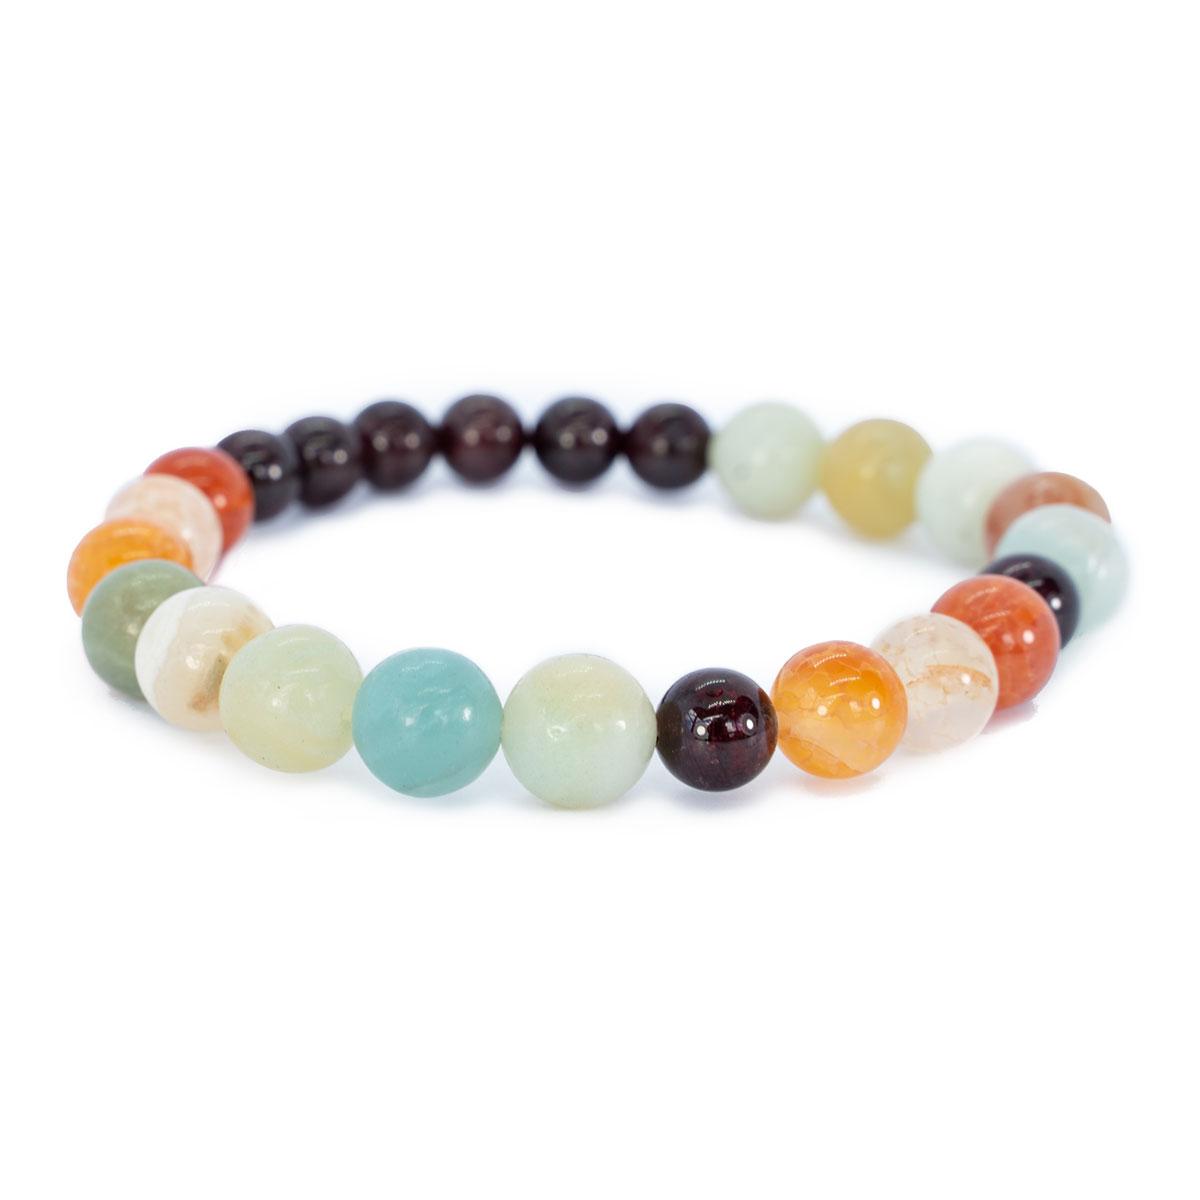 Sri Avinash Blessed™ Garnet, Onyx & Amazonite Mala Bracelet